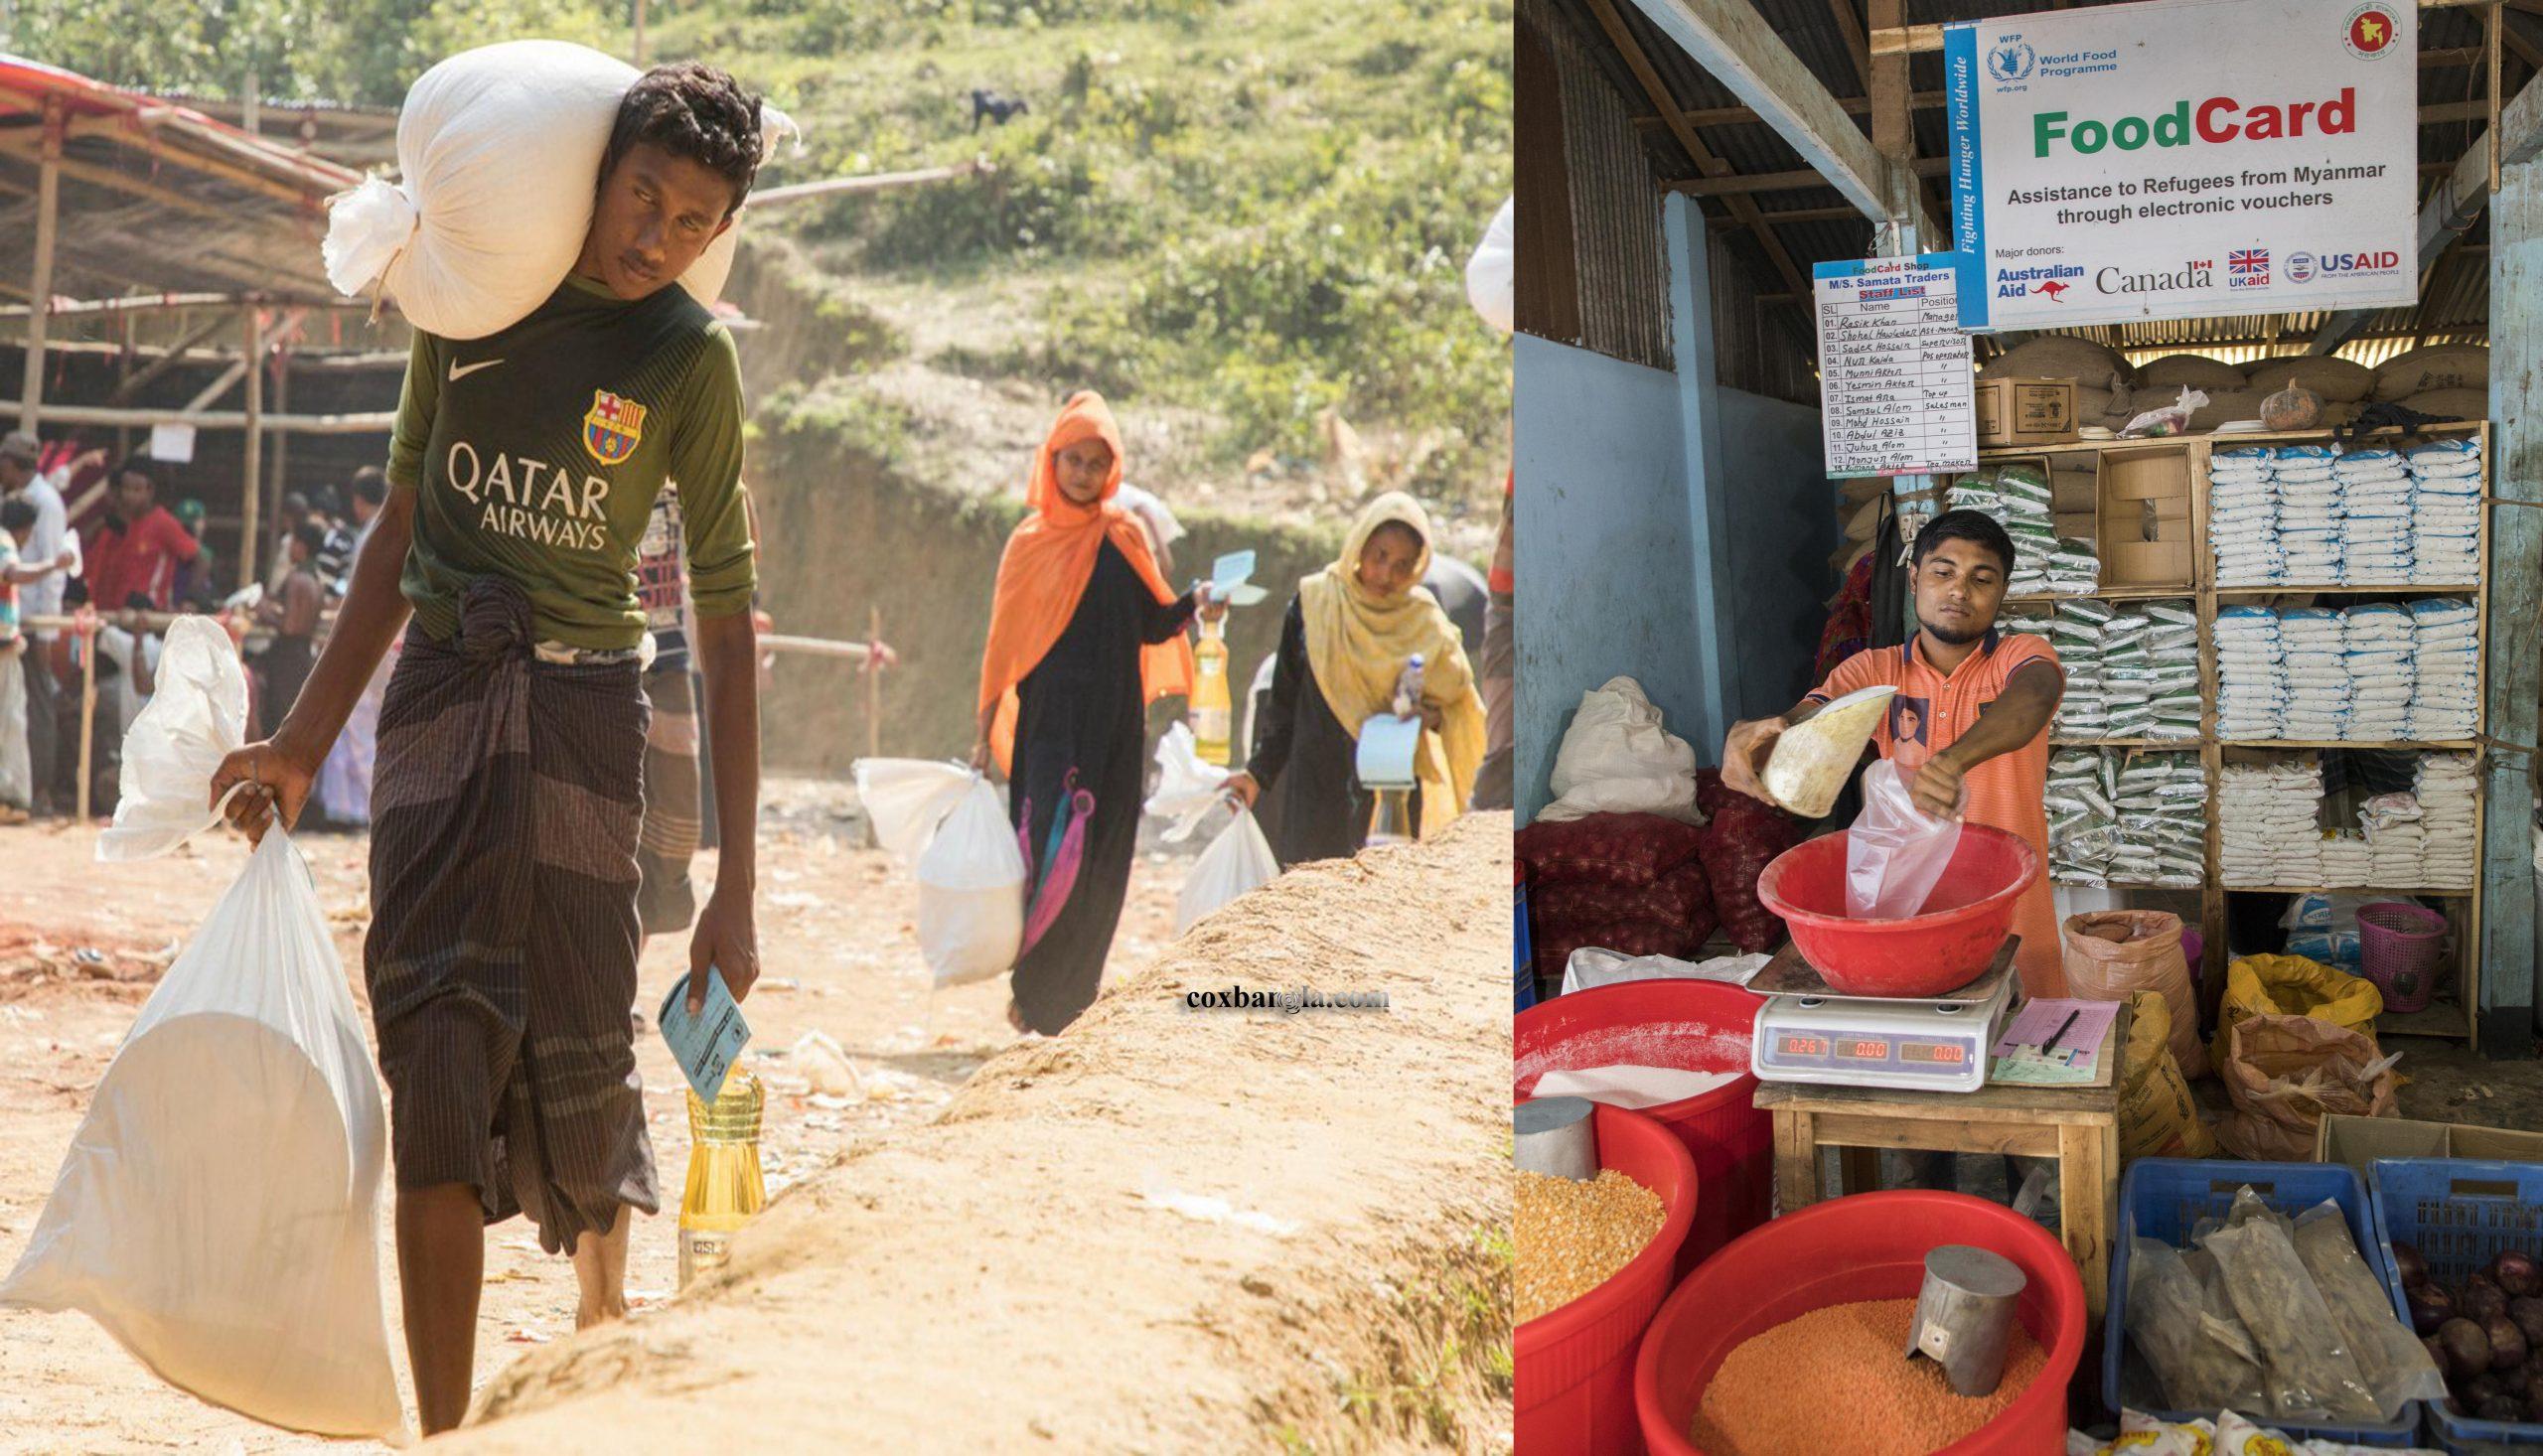 কক্সবাজার রোহিঙ্গা ক্যাম্পে করোনা ঝুঁকি রোধে খাদ্য বিতরণে সতর্কতামূলক ব্যবস্থা ডব্লিউএফপি'র